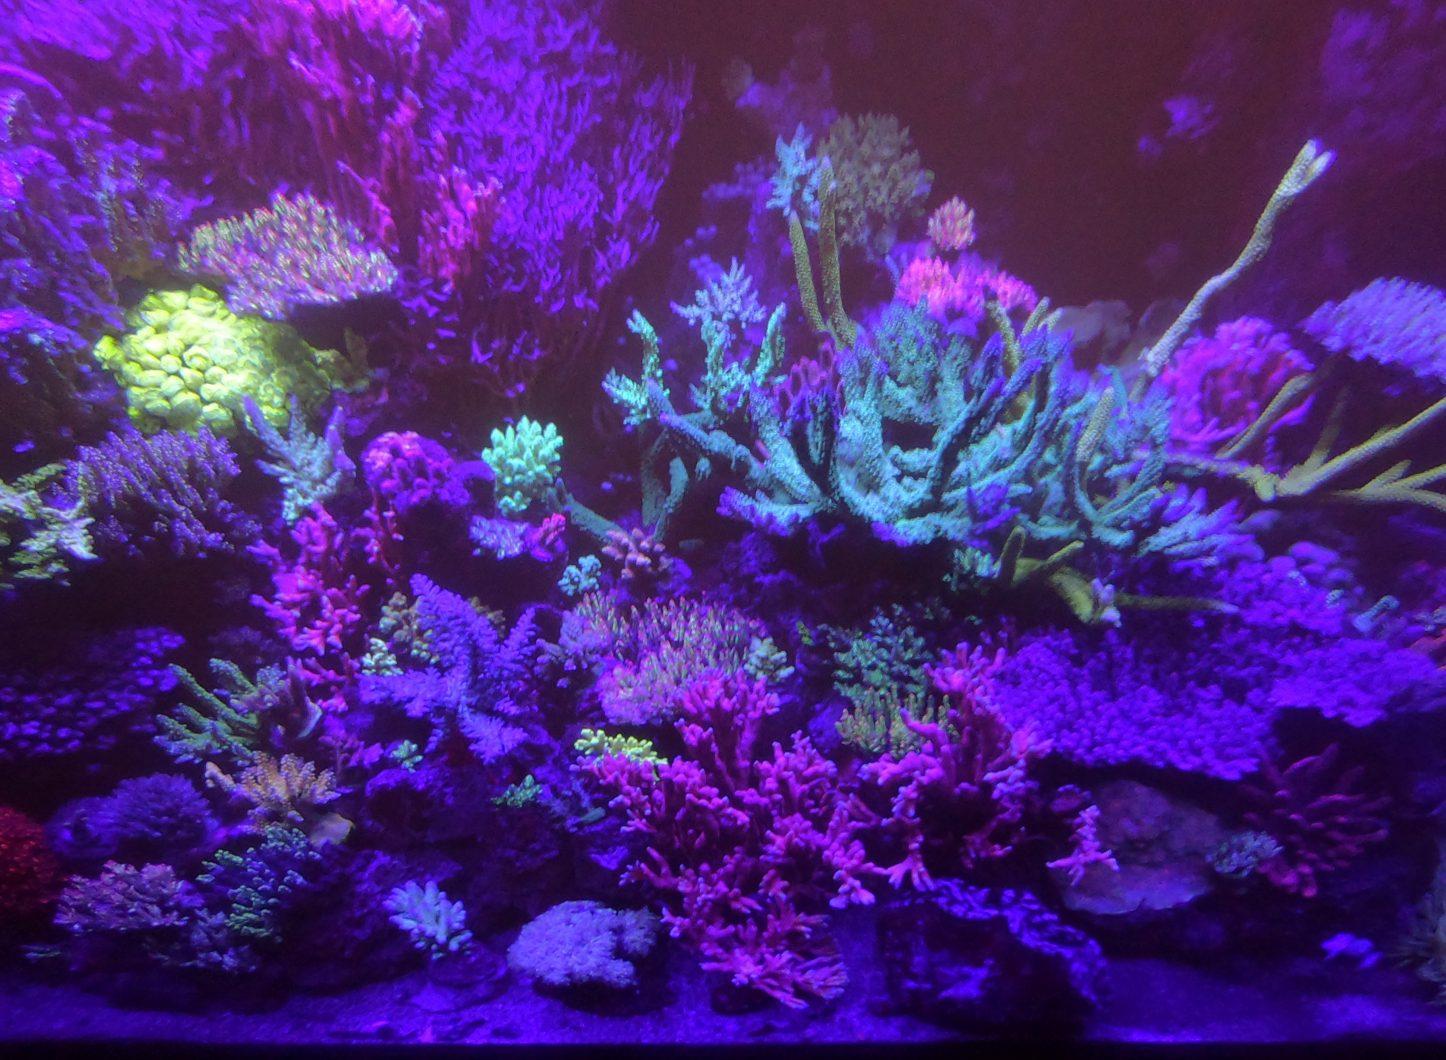 orphek LED 조명으로 놀라운 산호 성장